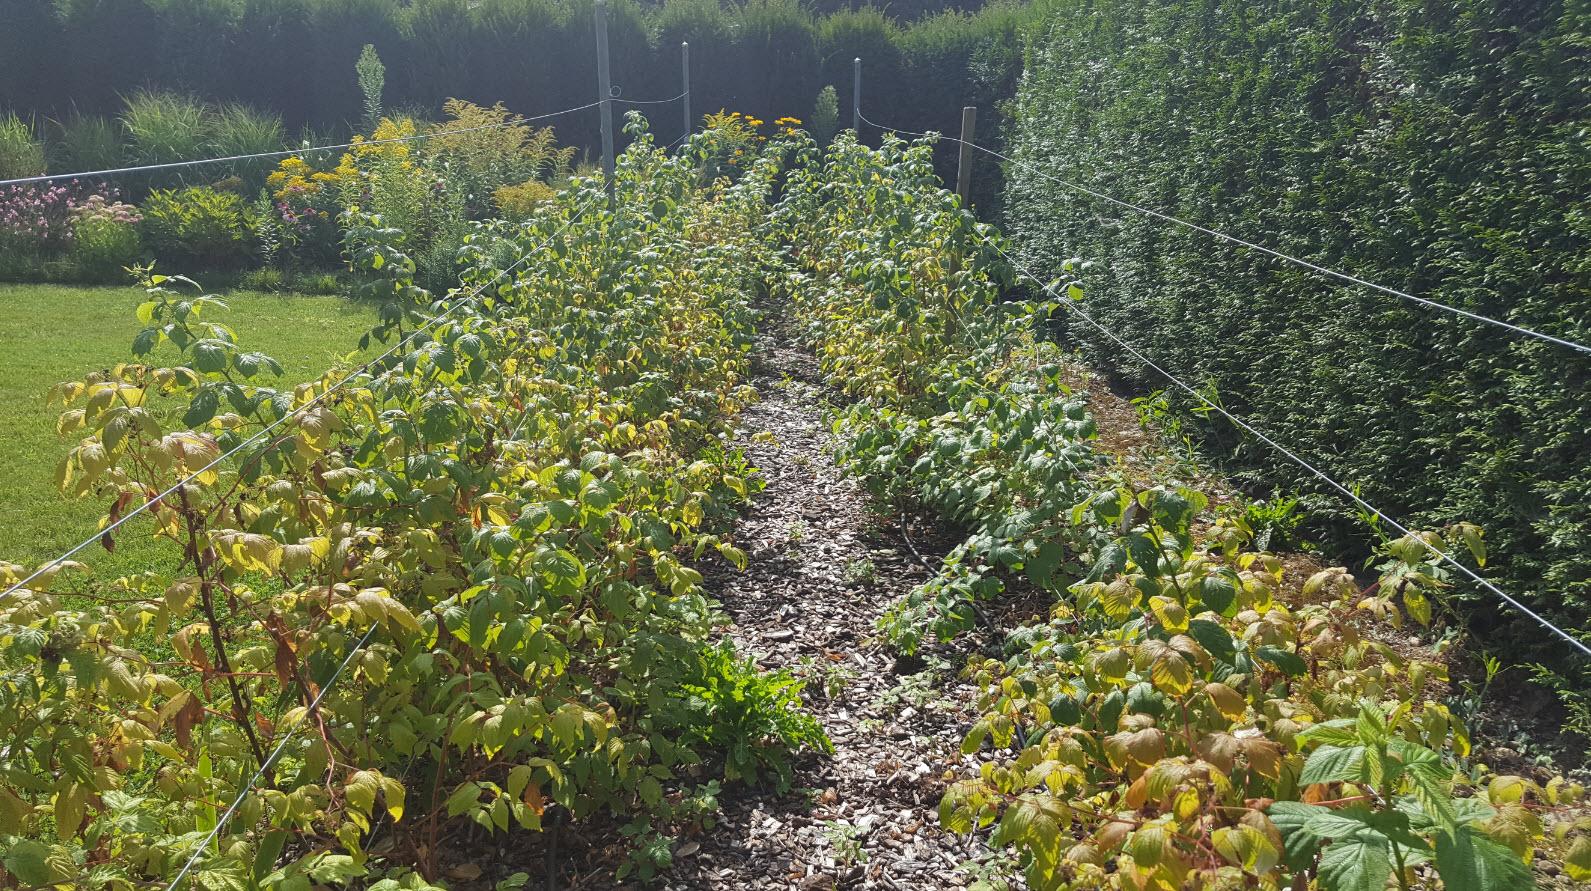 Pieds de vigne jardin Geneve